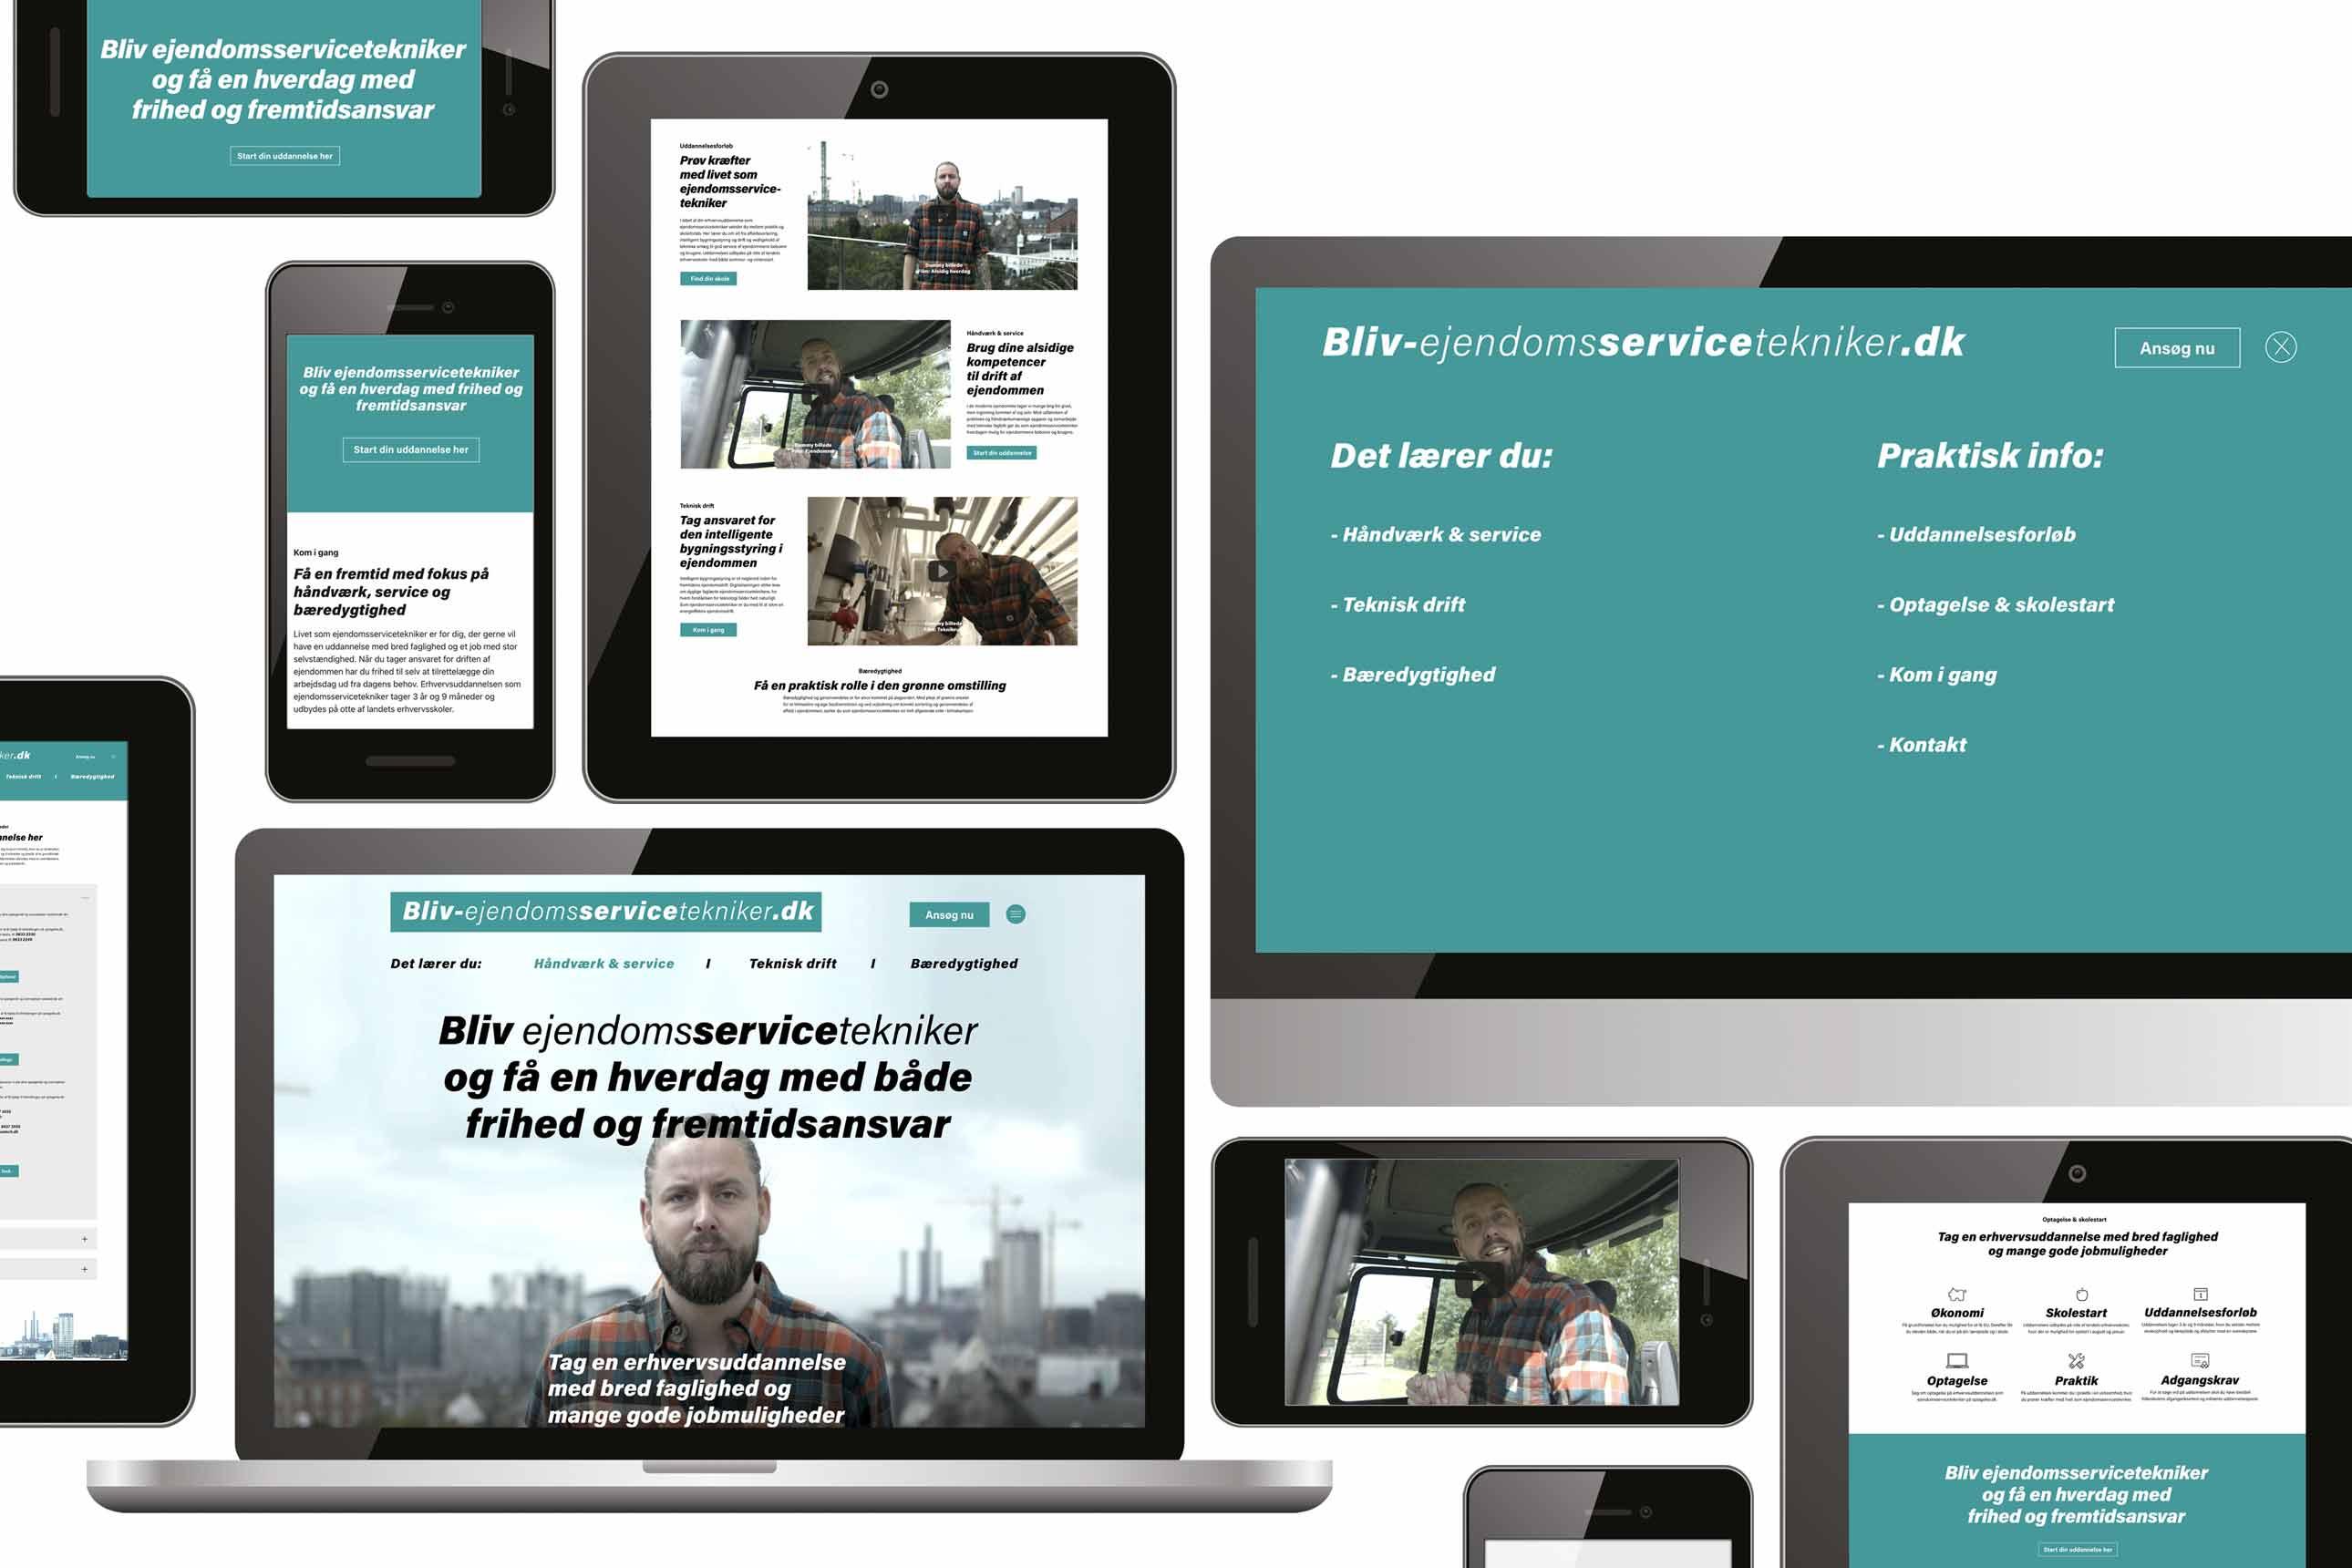 Bliv-ejendomsservicetekniker.dk website.